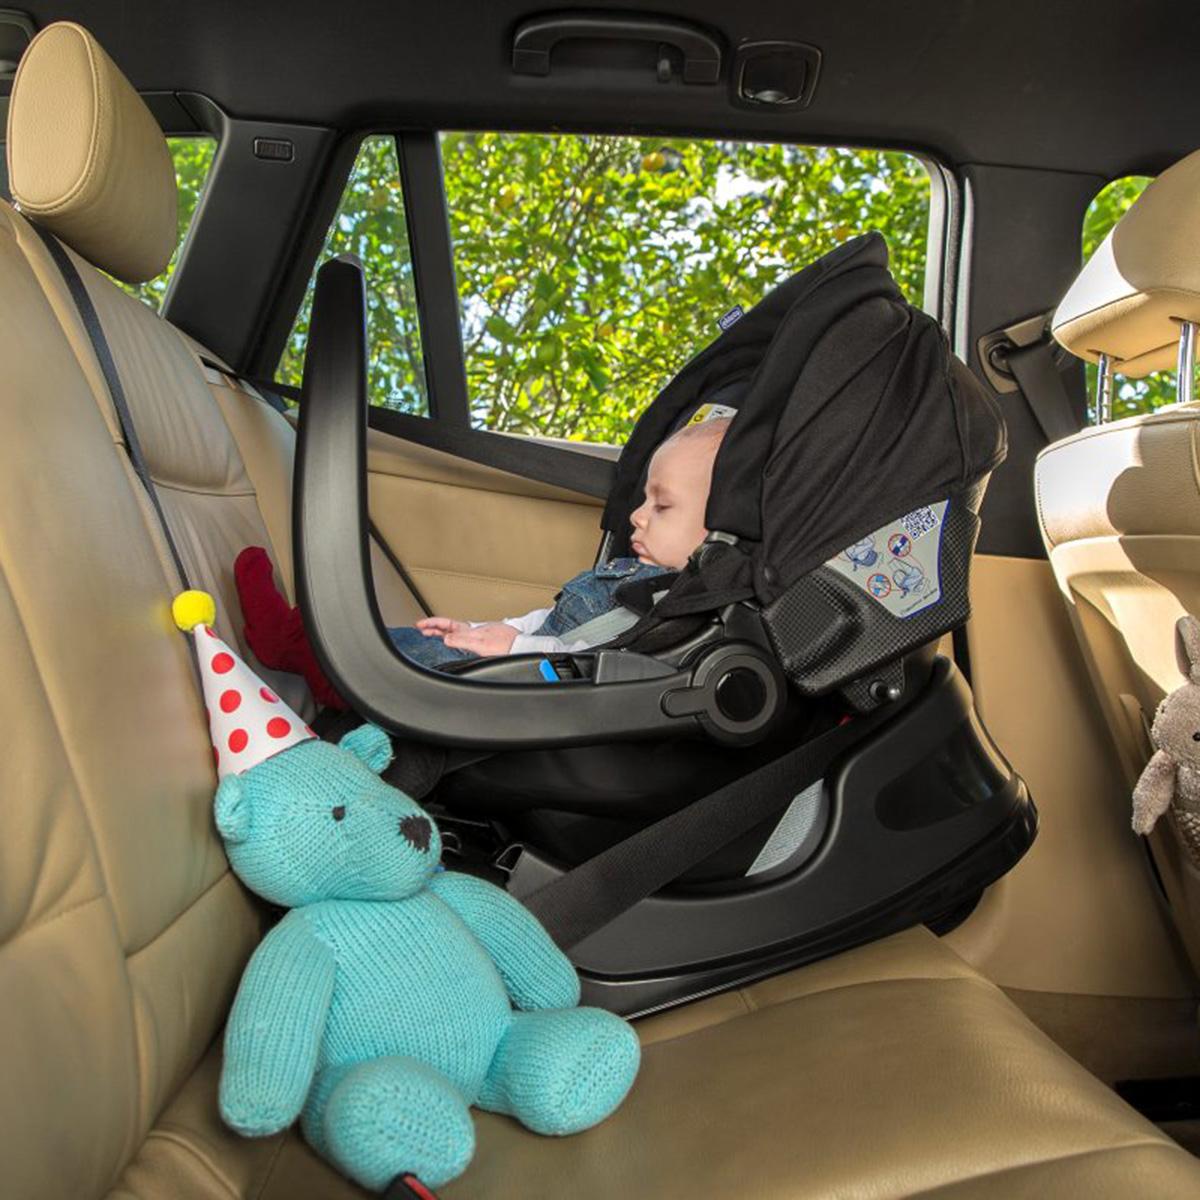 Перевозка новорожденного в автомобиле - автокресла и автолюльки | семья и ребенок